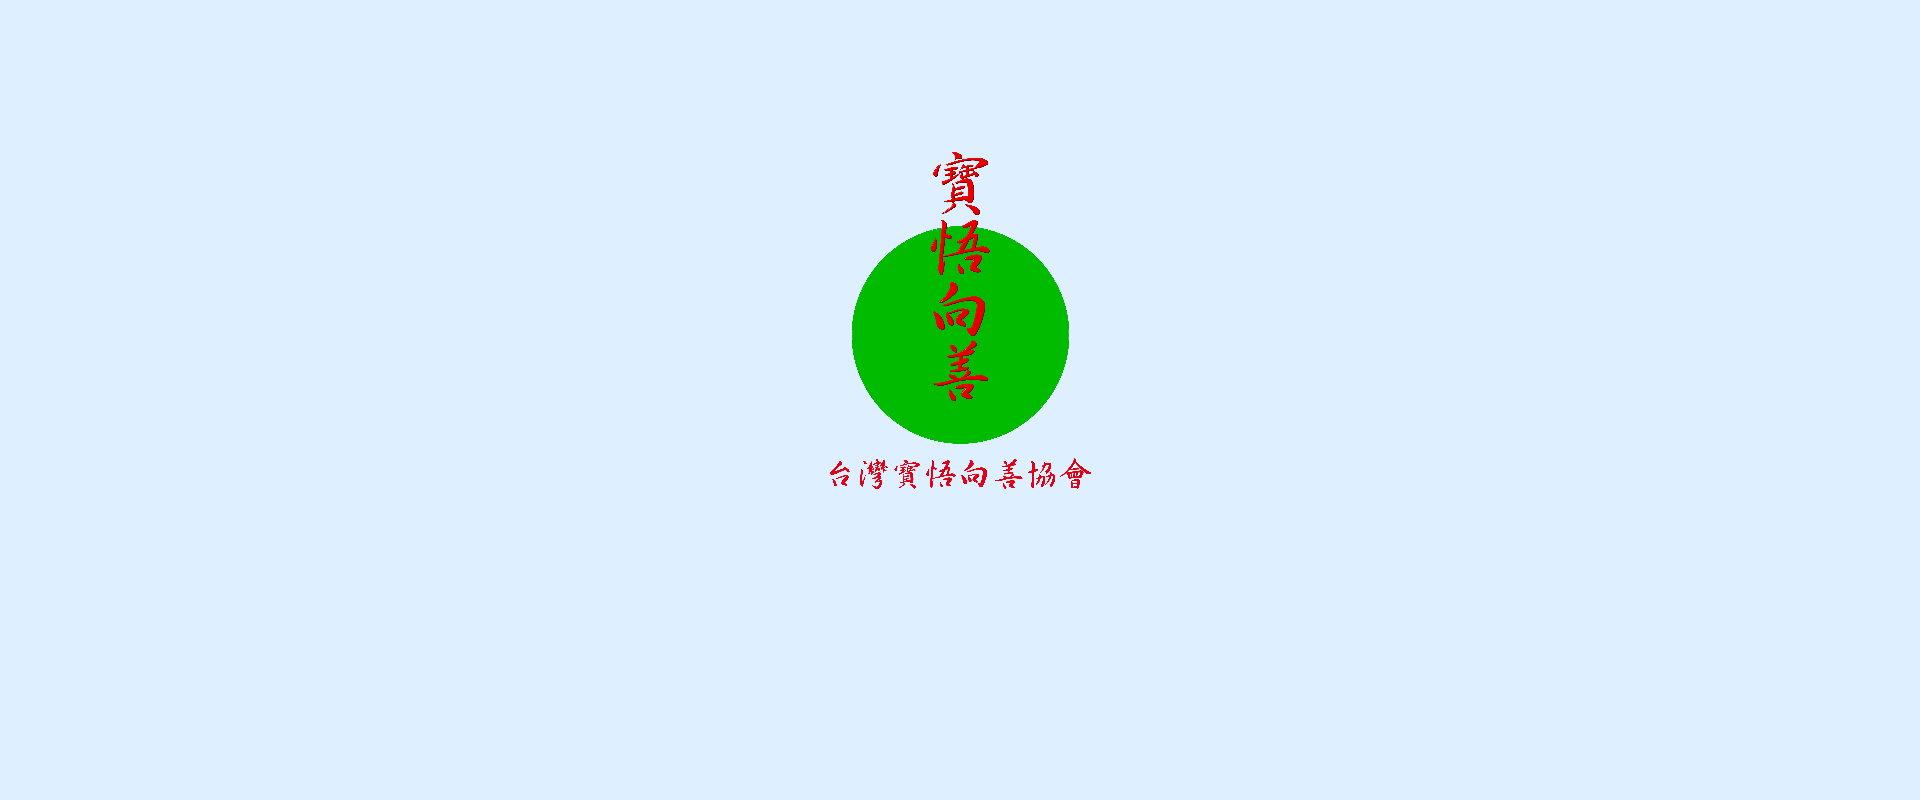 超拔歷代祖先點燈【藥師壇場.往生/超拔點燈】